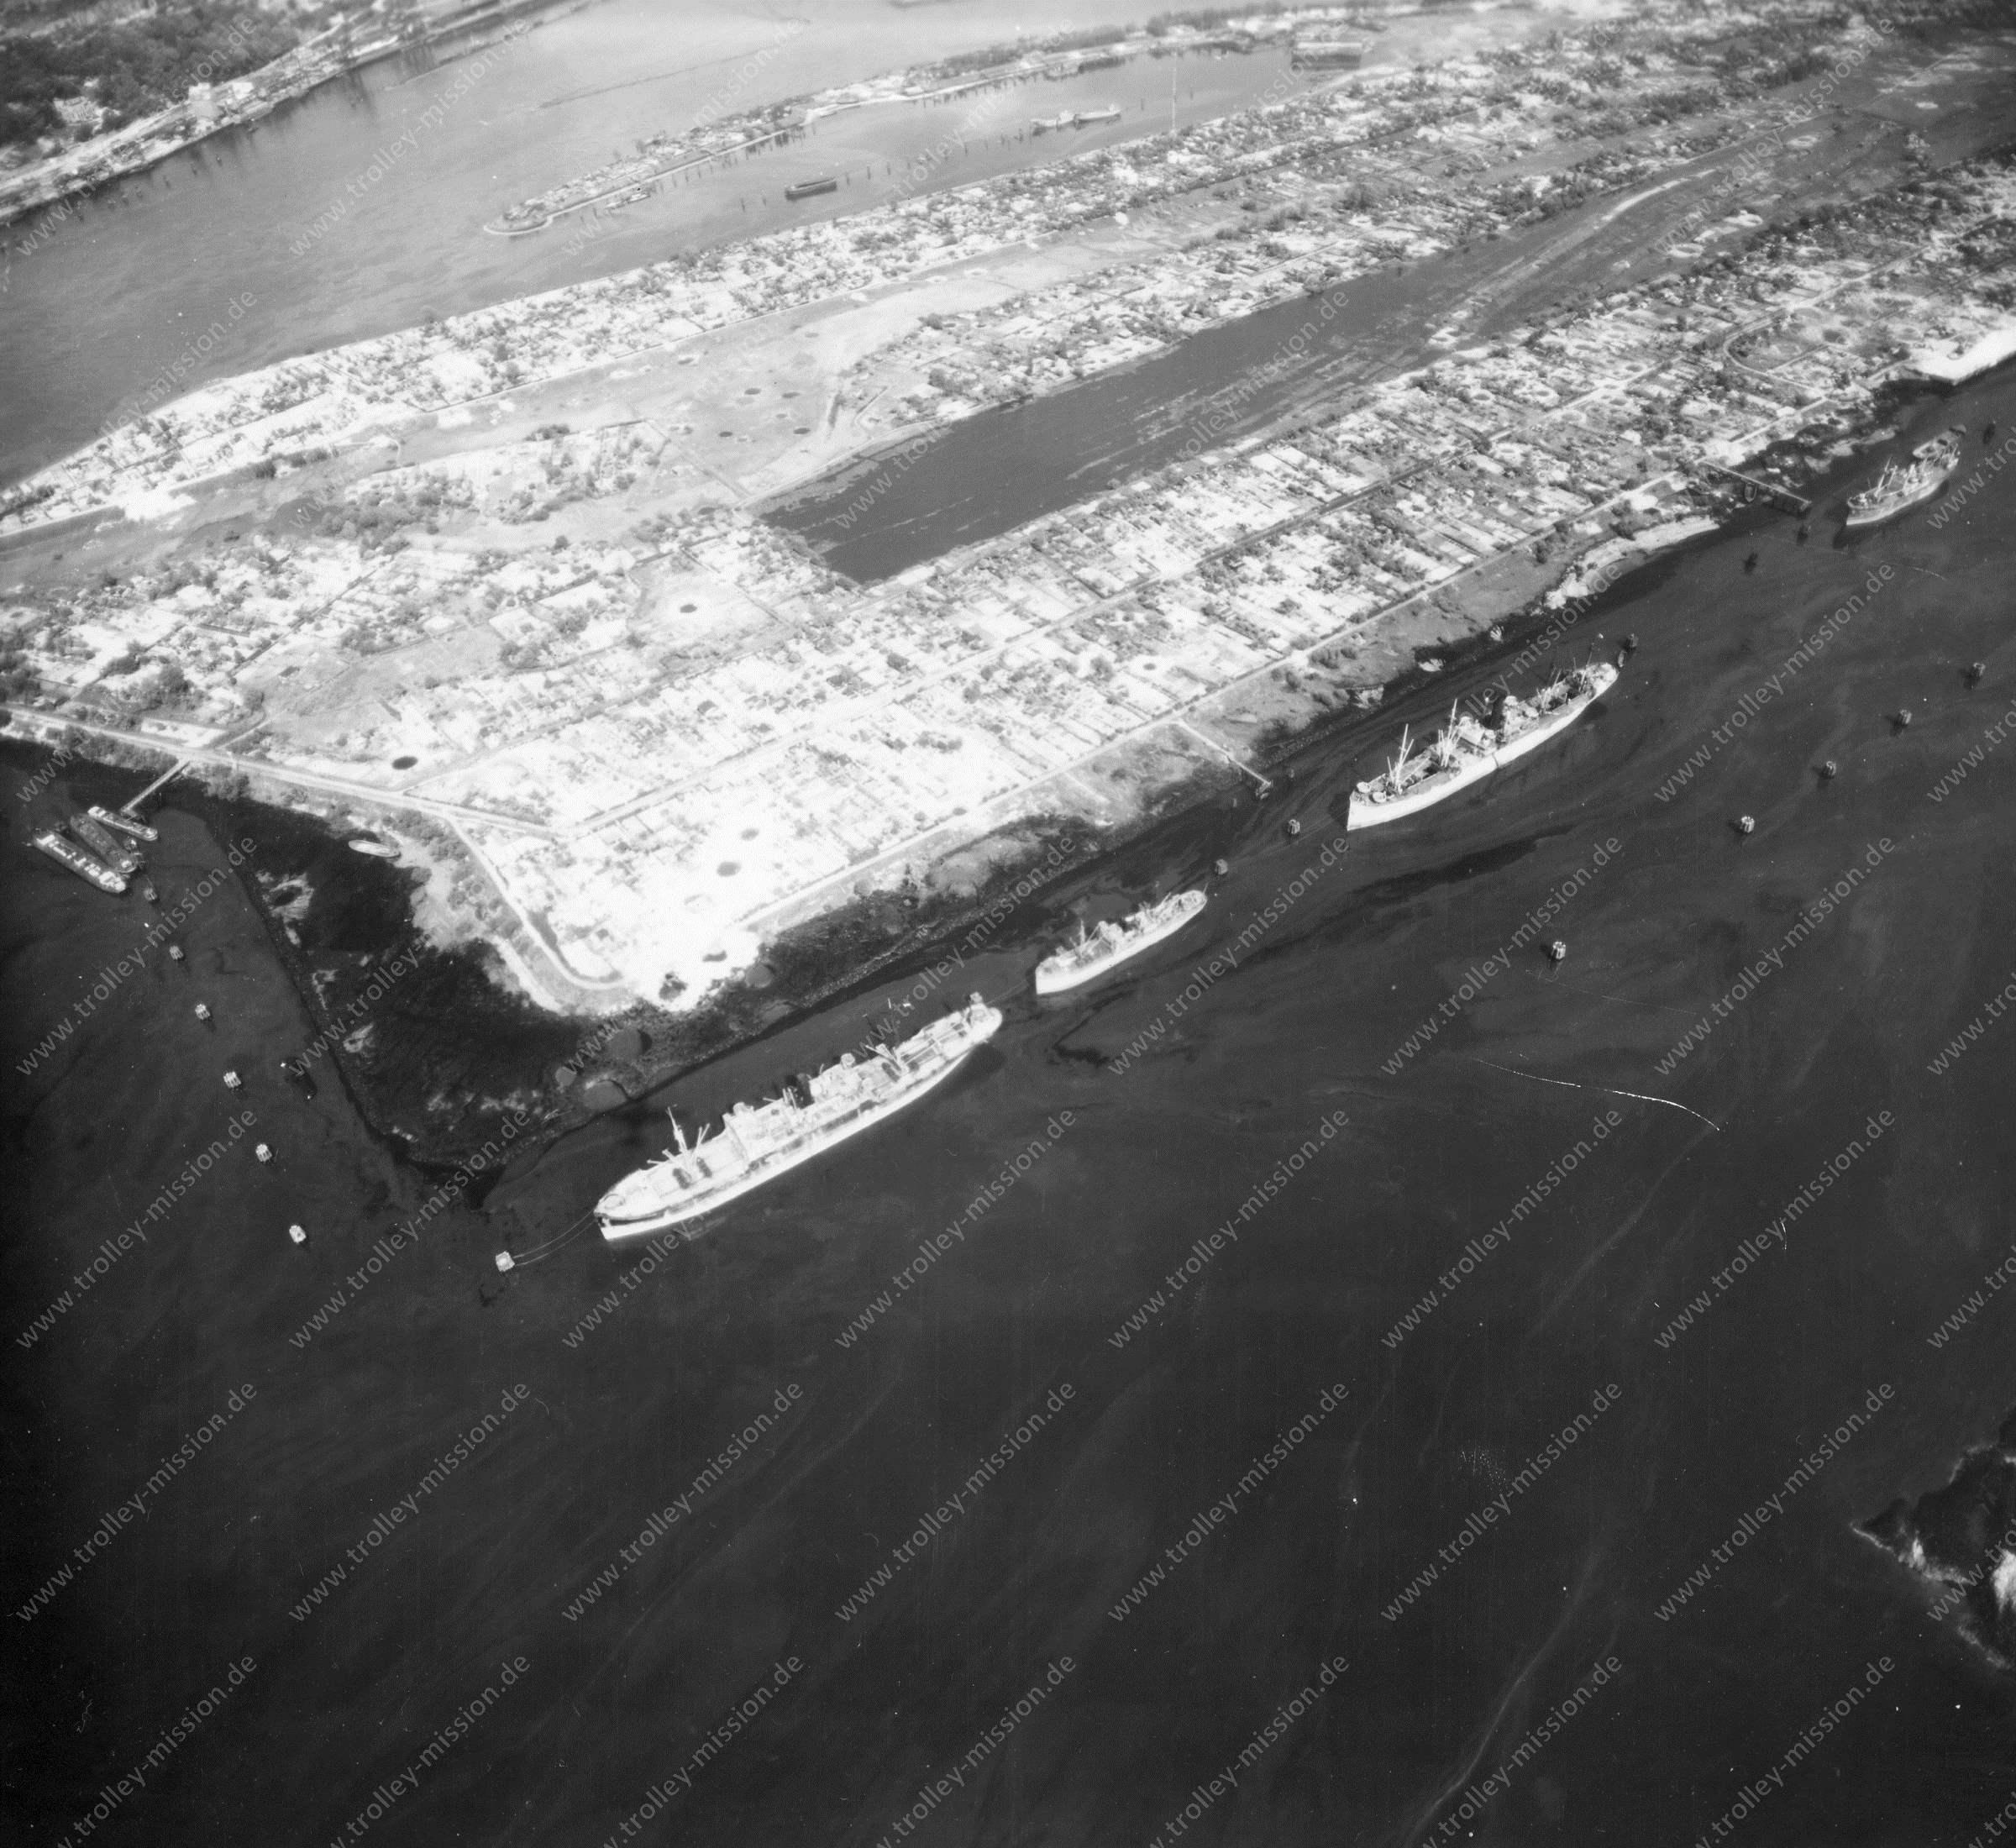 Luftbild von Hamburg und Hafen am 12. Mai 1945 - Luftbildserie 5/19 der US Air Force